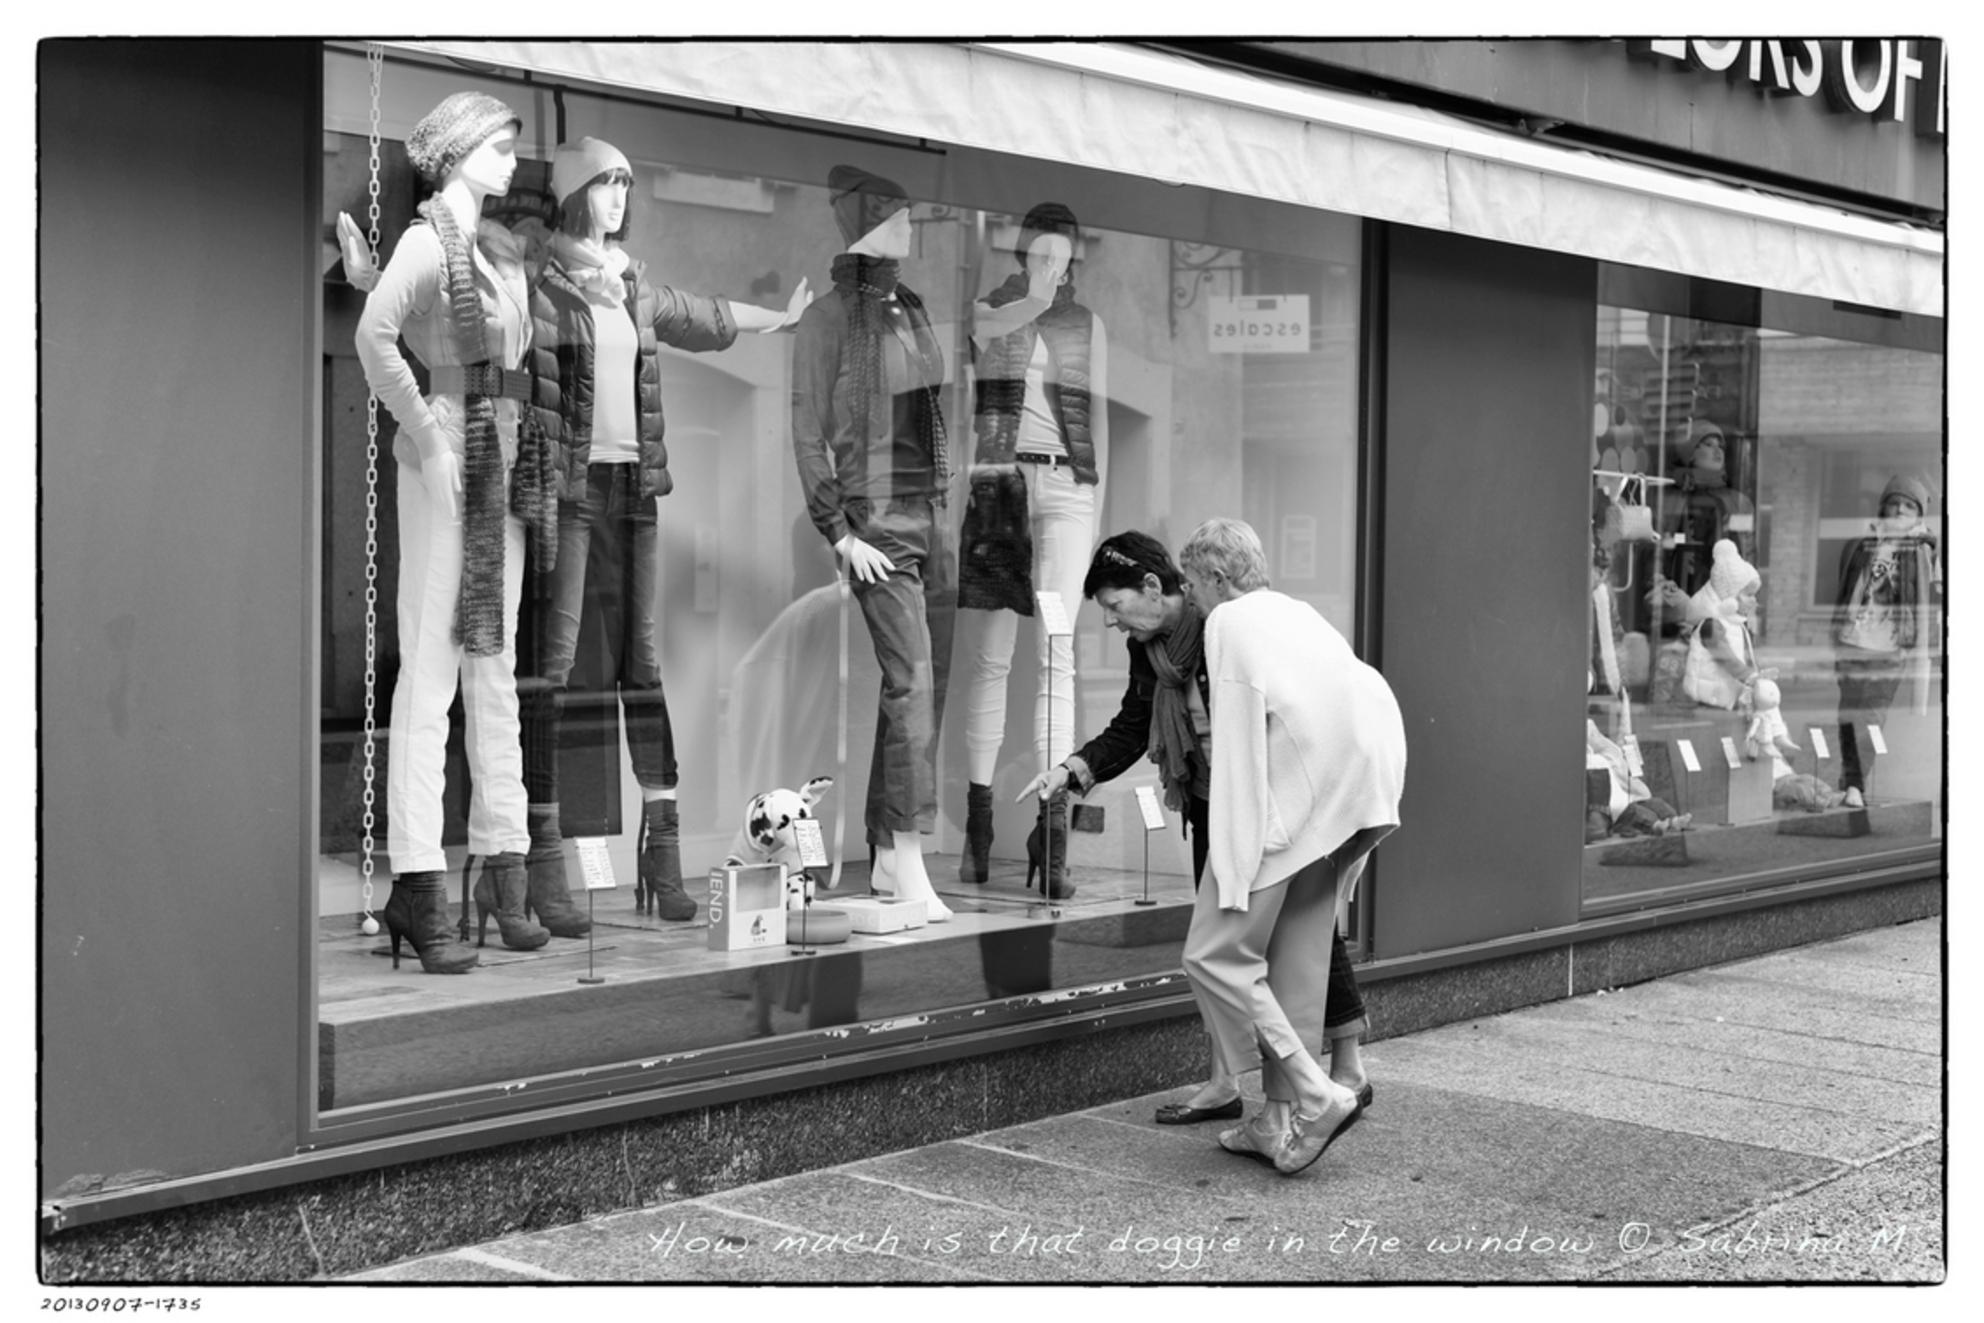 How much is that doggie in the window ... - Gemaakt in Megeve, Frankrijk. De mevrouw met de jas over haar rugzak viel me eerst op, dan het hondje en even later kwam dit uit de bus. - foto door sabbe op 29-09-2013 - deze foto bevat: straat, hond, zwartwit, vrouwen, straatfotografie, etalage, mode, etalagepoppen